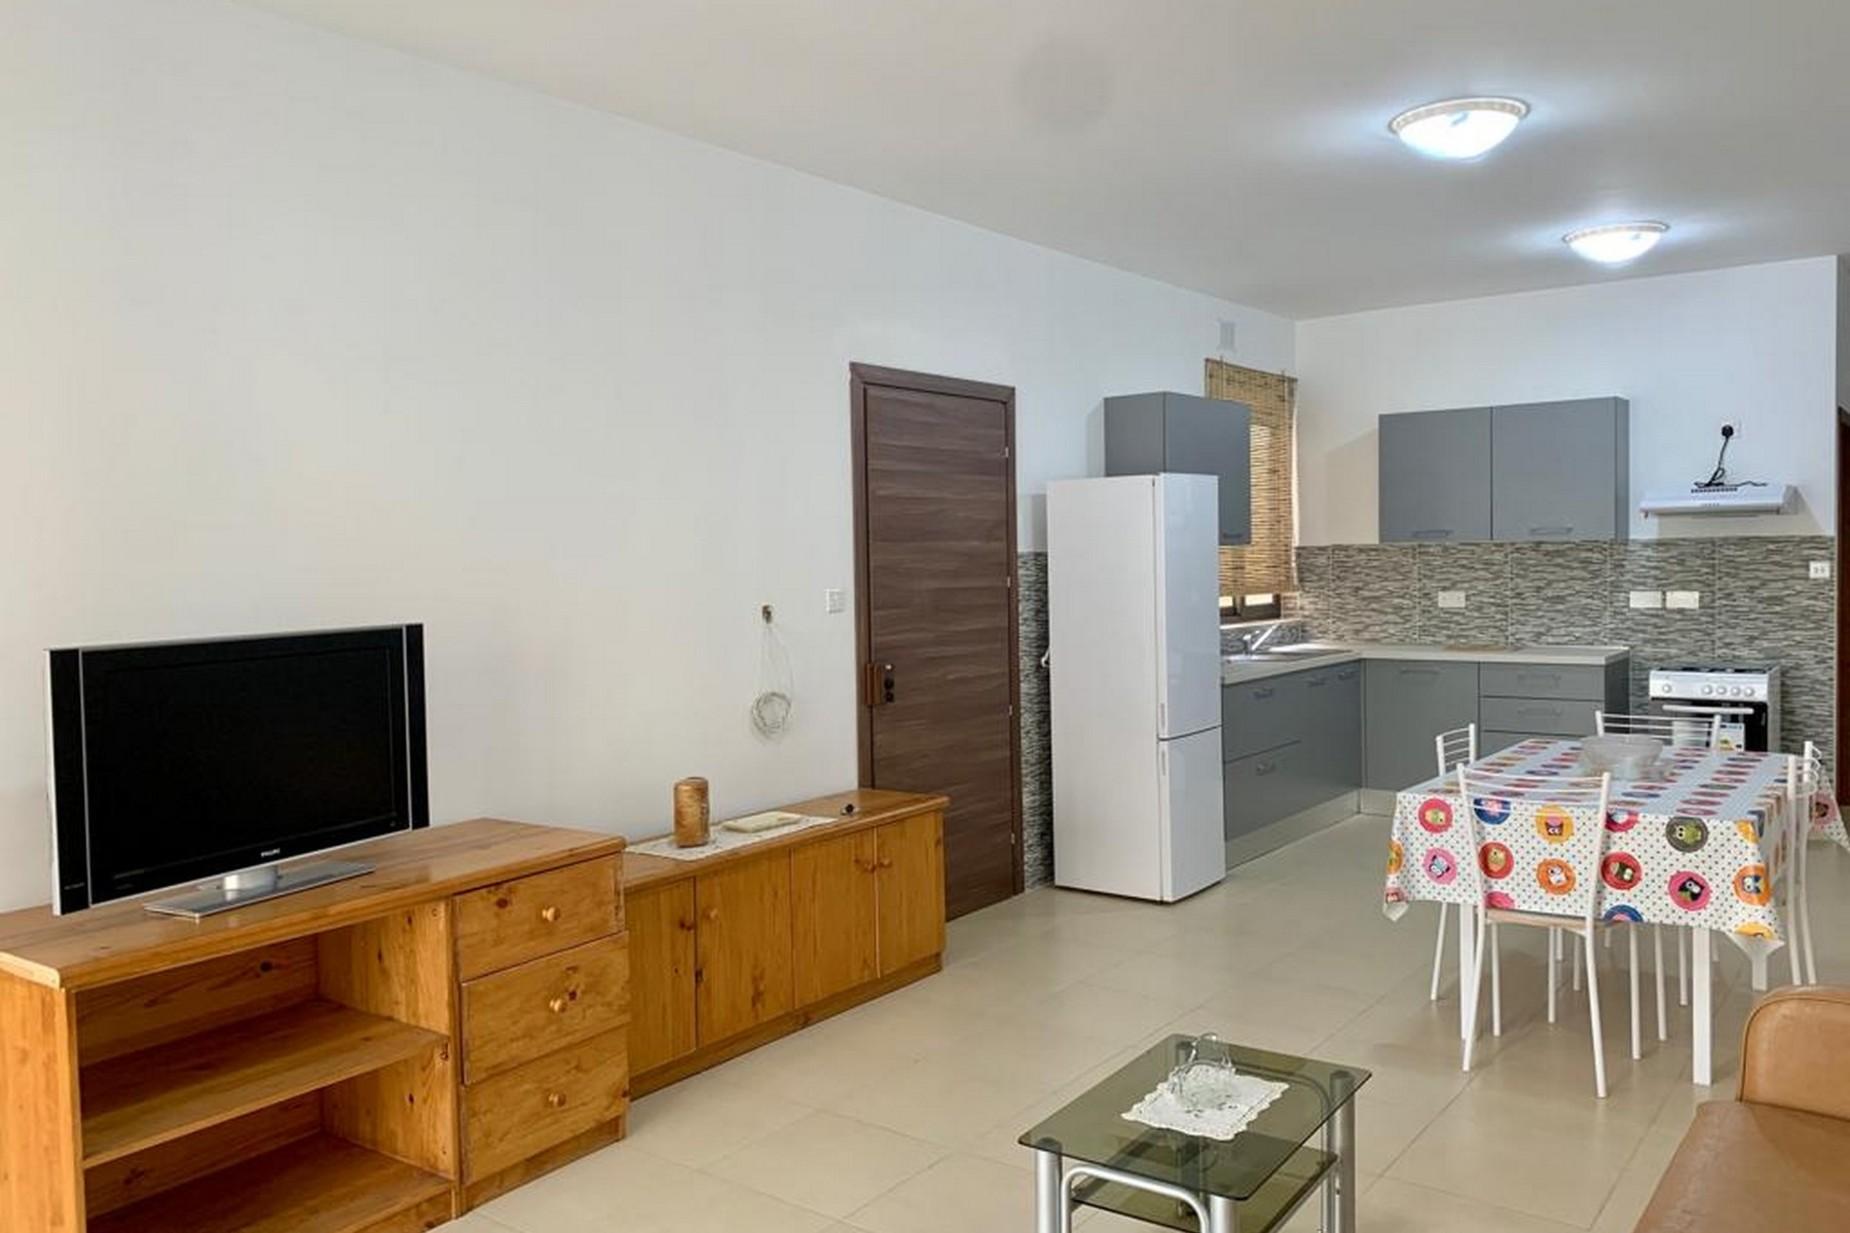 3 bed Apartment For Rent in Qormi, Qormi - thumb 4